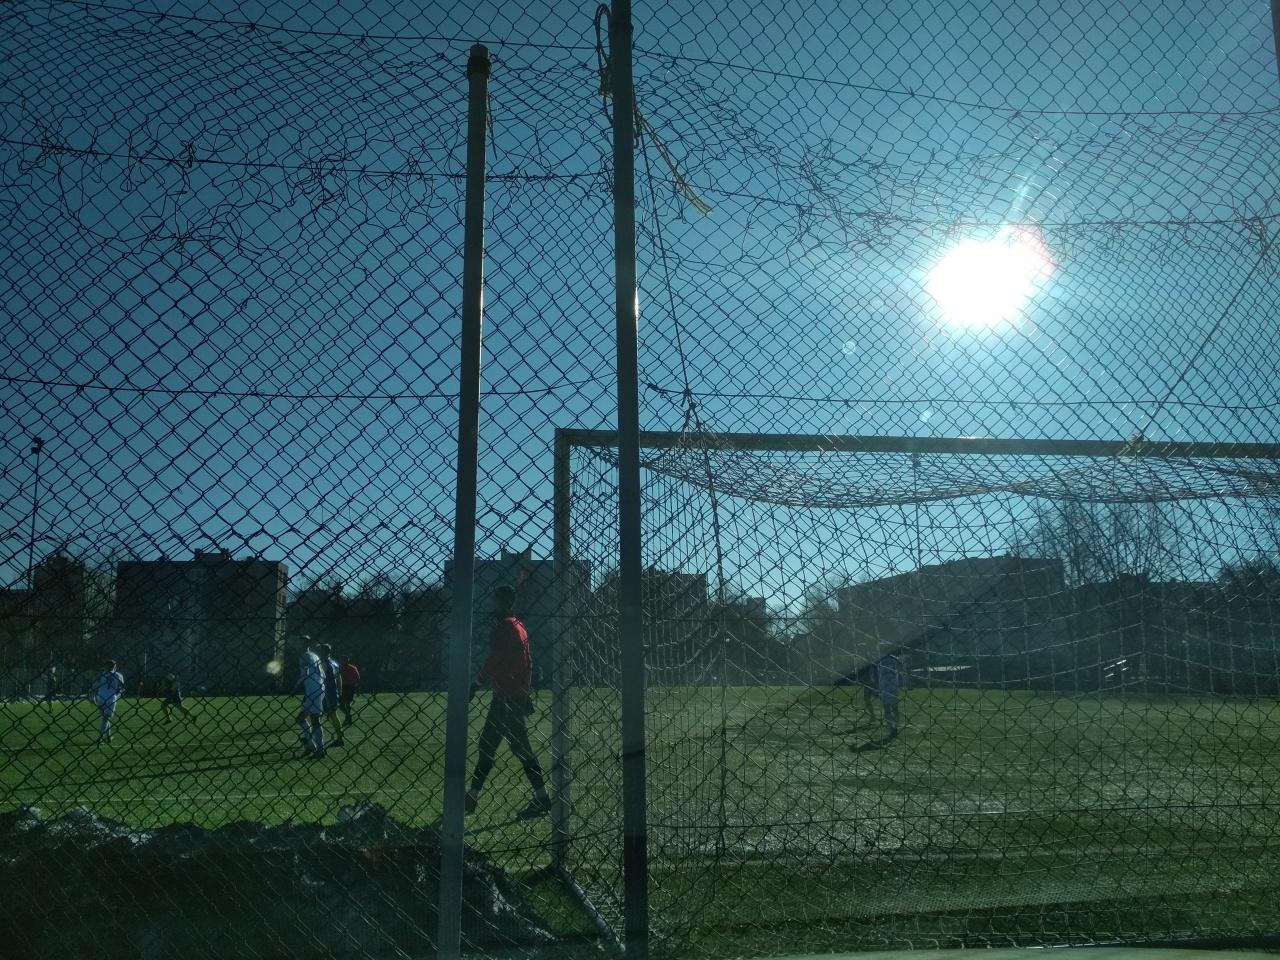 Edzőmeccs - a Kassa ellen lépett pályára a Nyíregyháza Spartacus